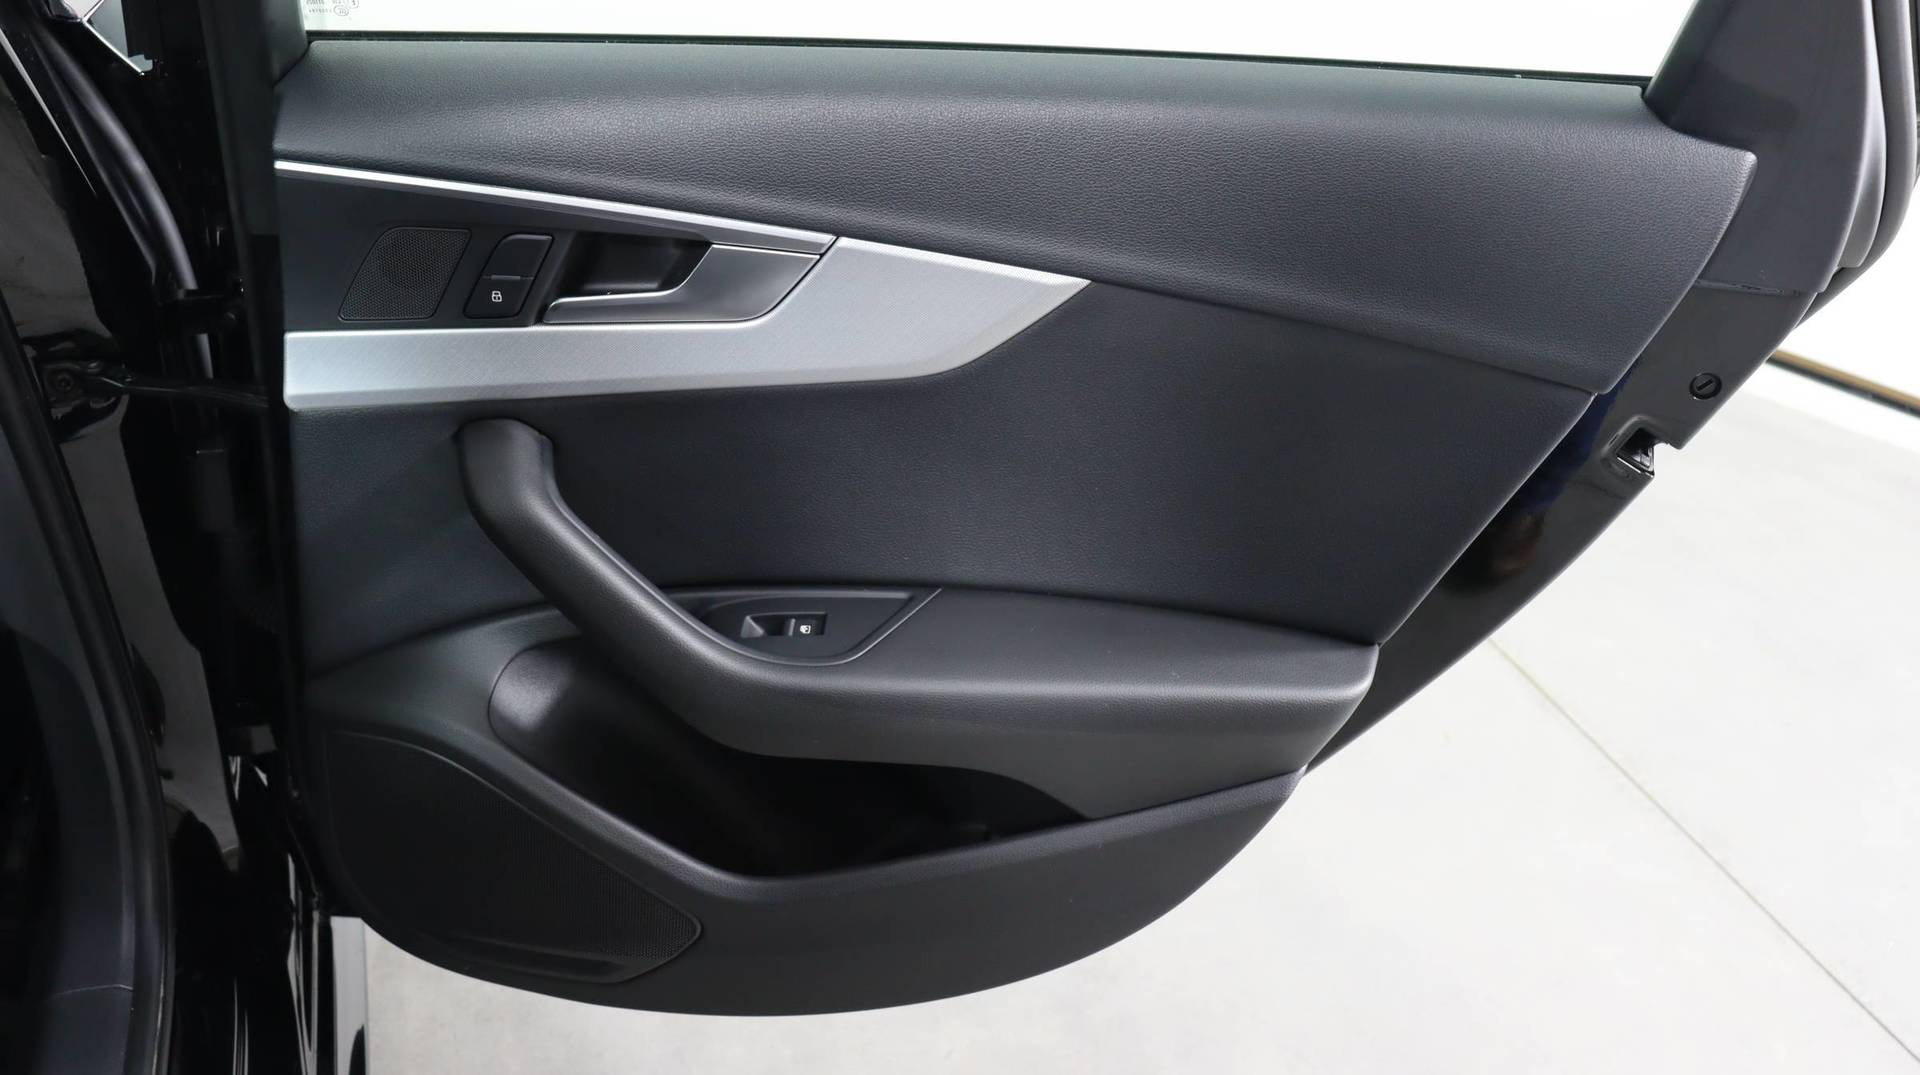 used vehicle - Sedan AUDI A4 2018